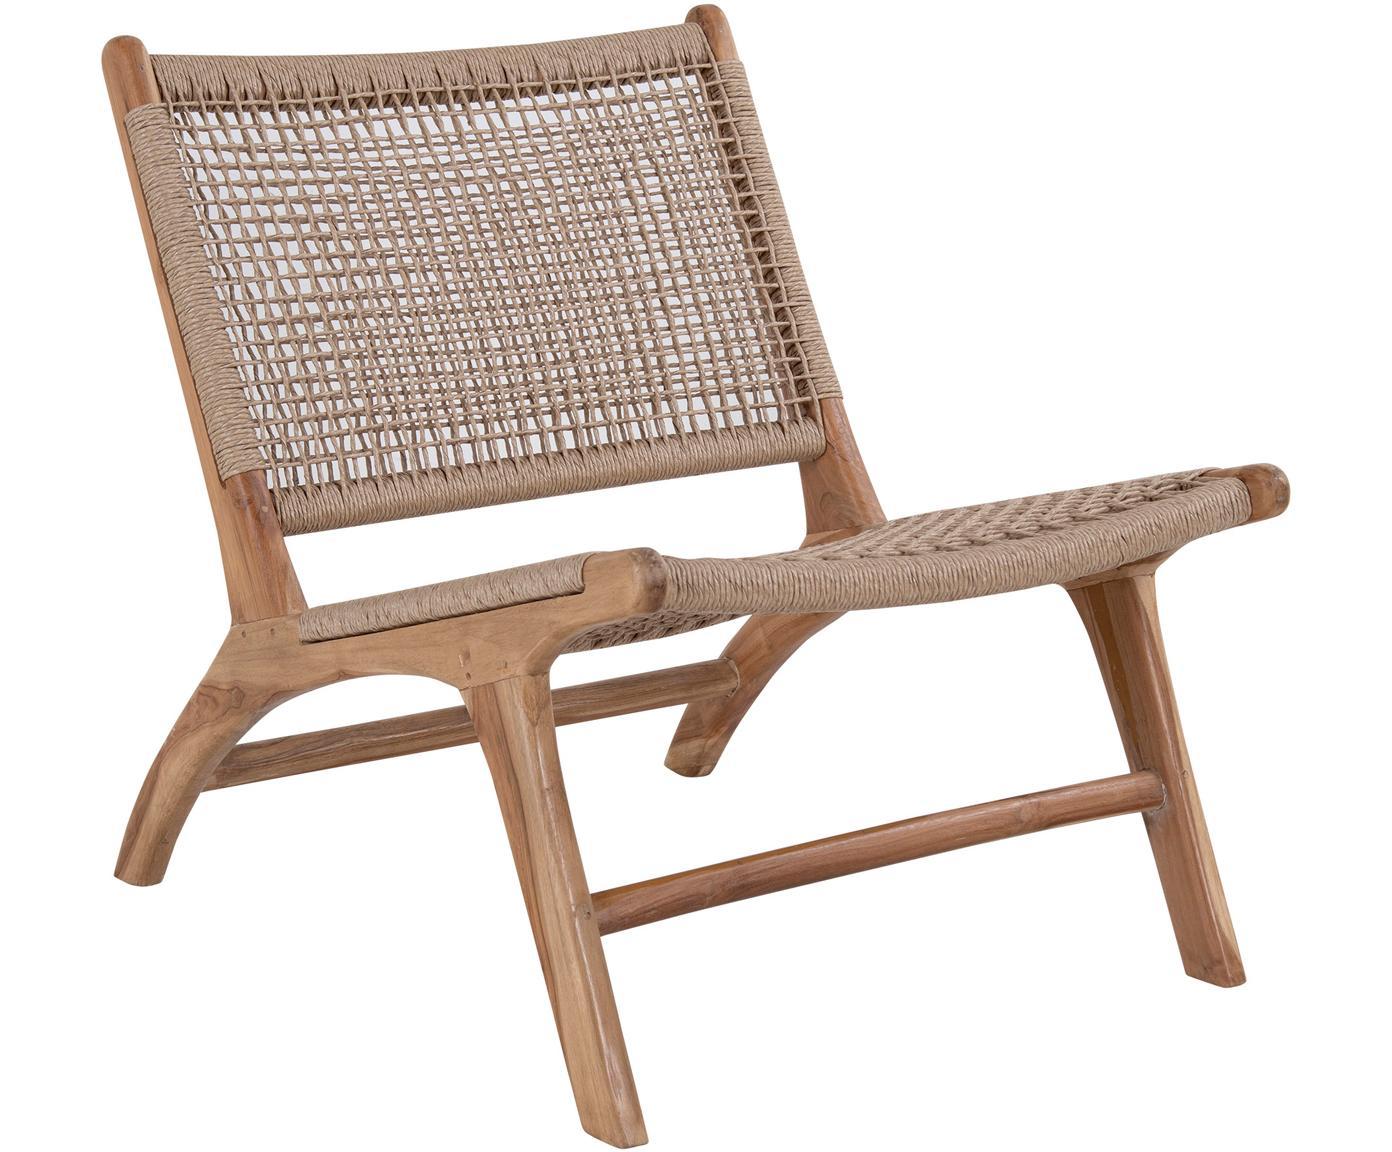 Fotel wypoczynkowy Derby, Drewno tekowe, polirattan, Drewno tekowe, beżowy, S 60 x G 80 cm